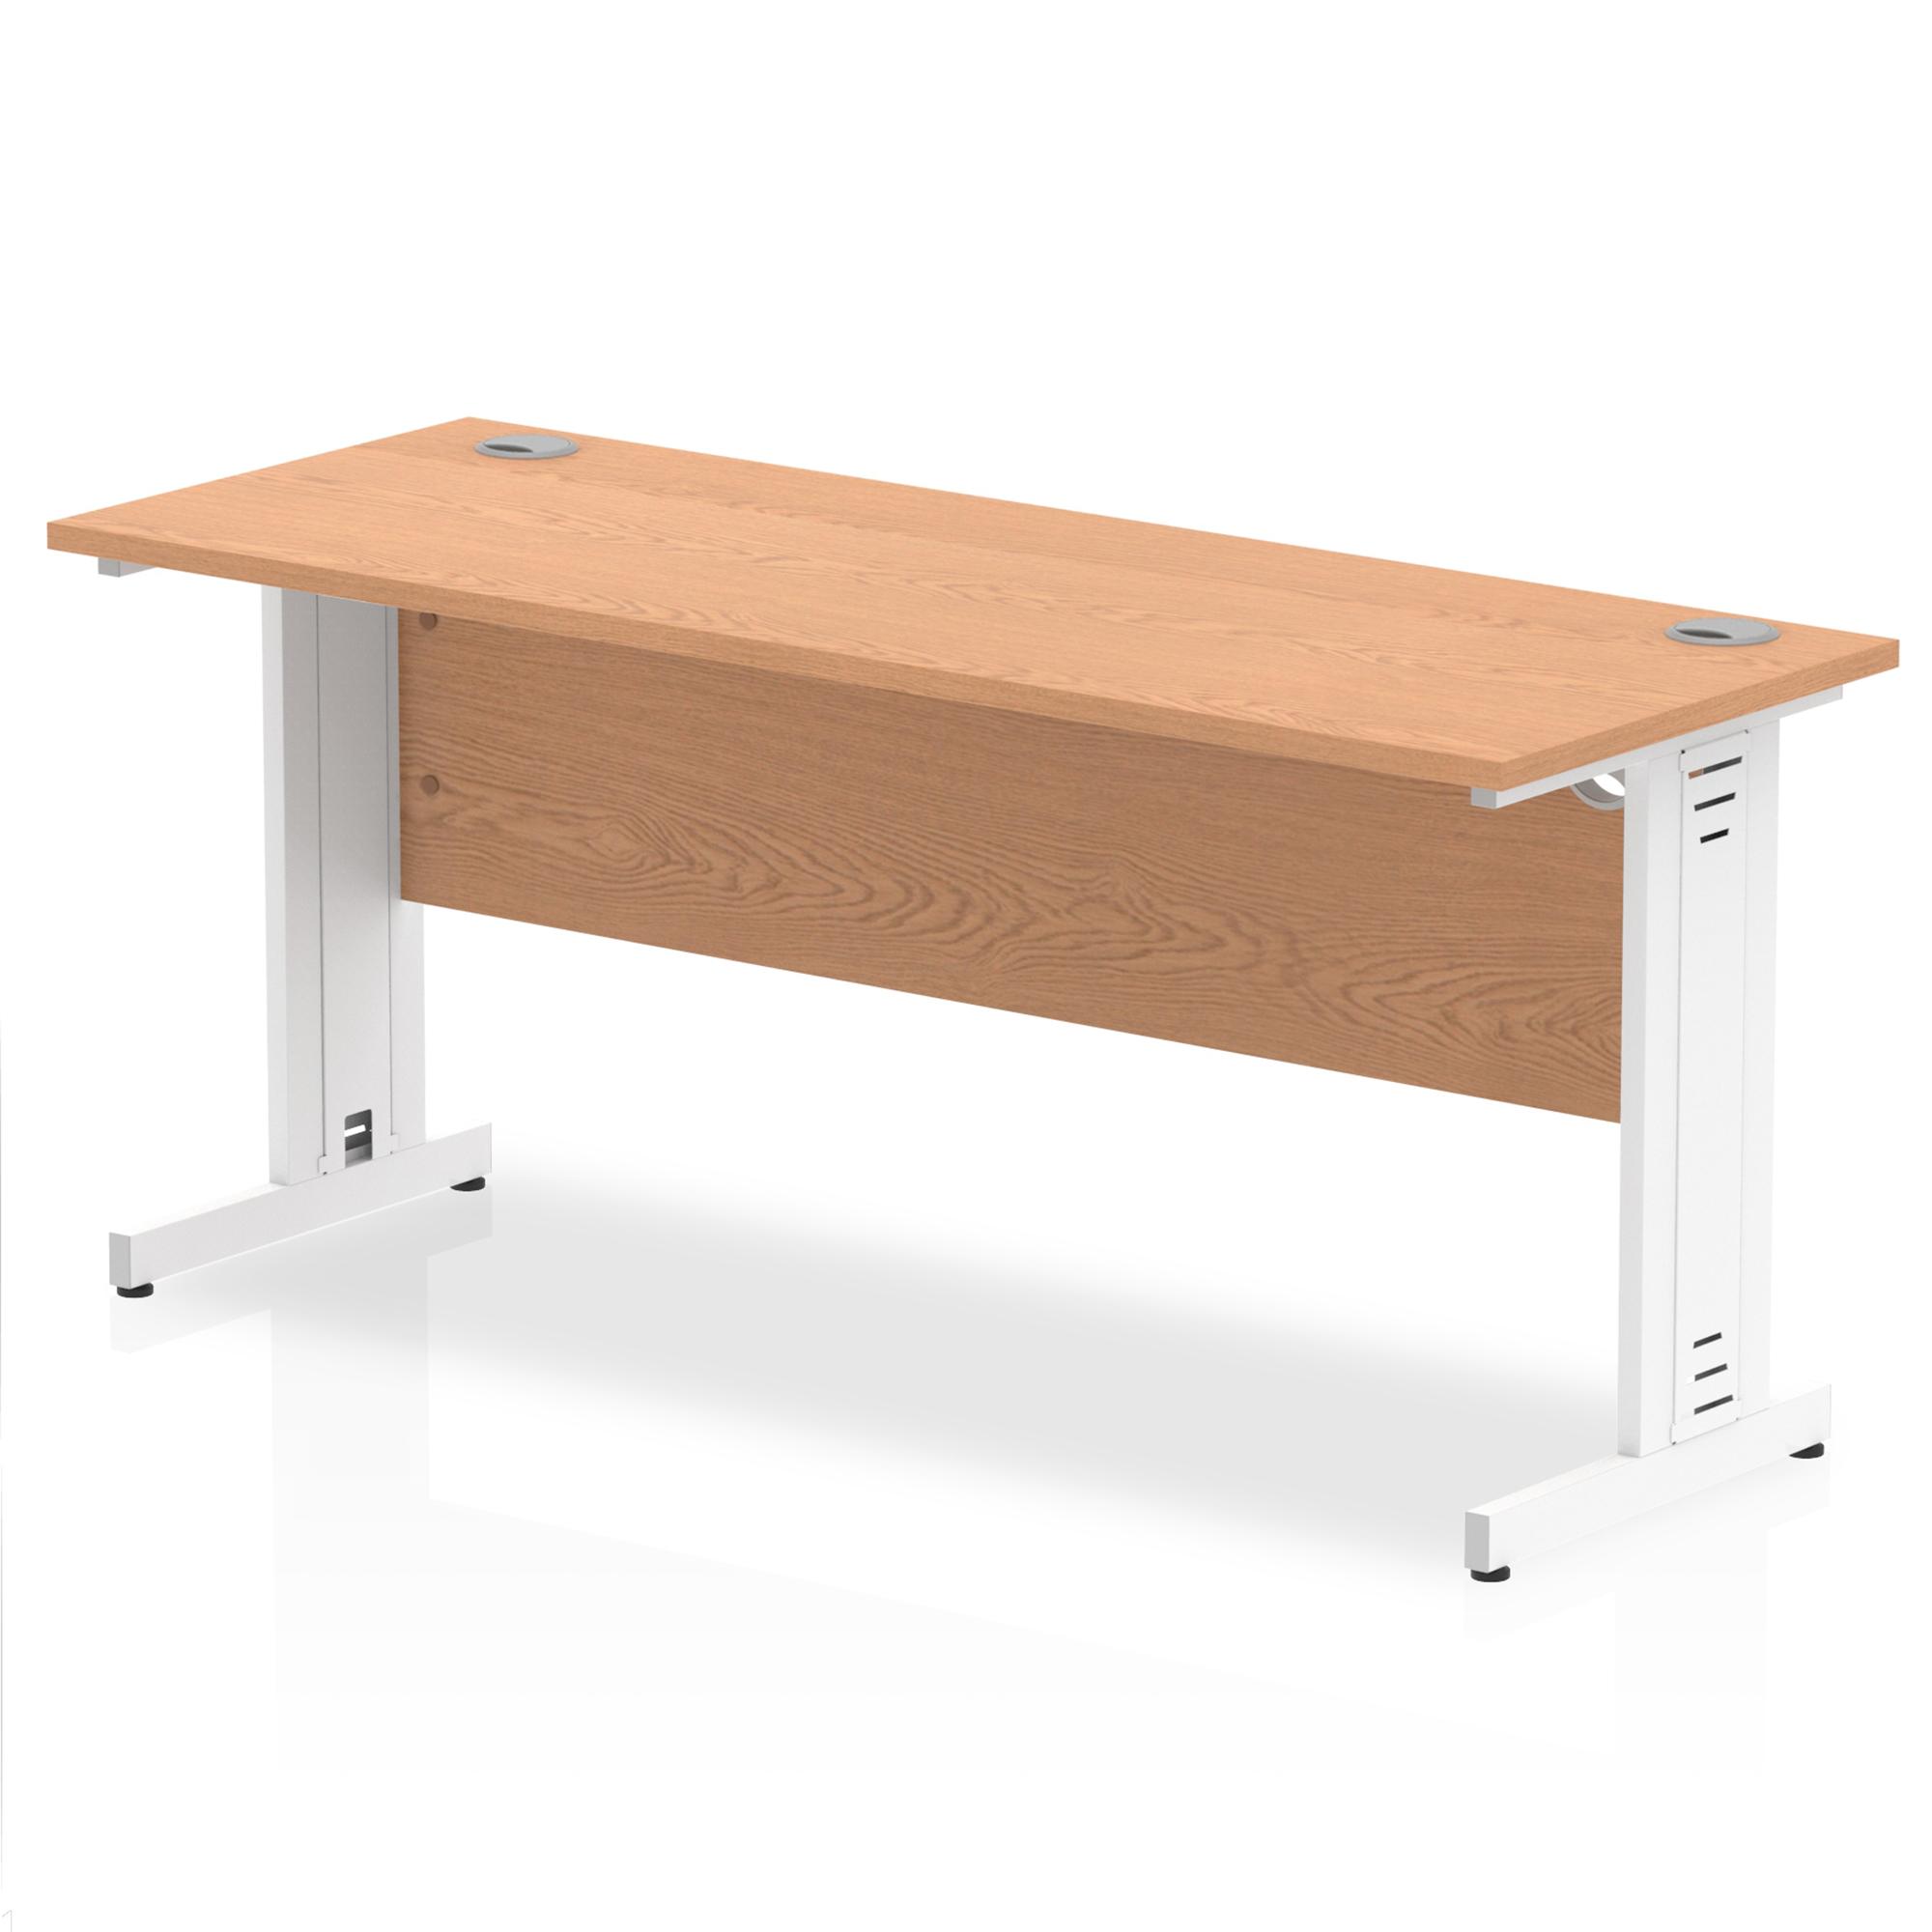 Trexus Desk Rectangle Cable Managed White Leg 1600x600mm Oak Ref MI002735